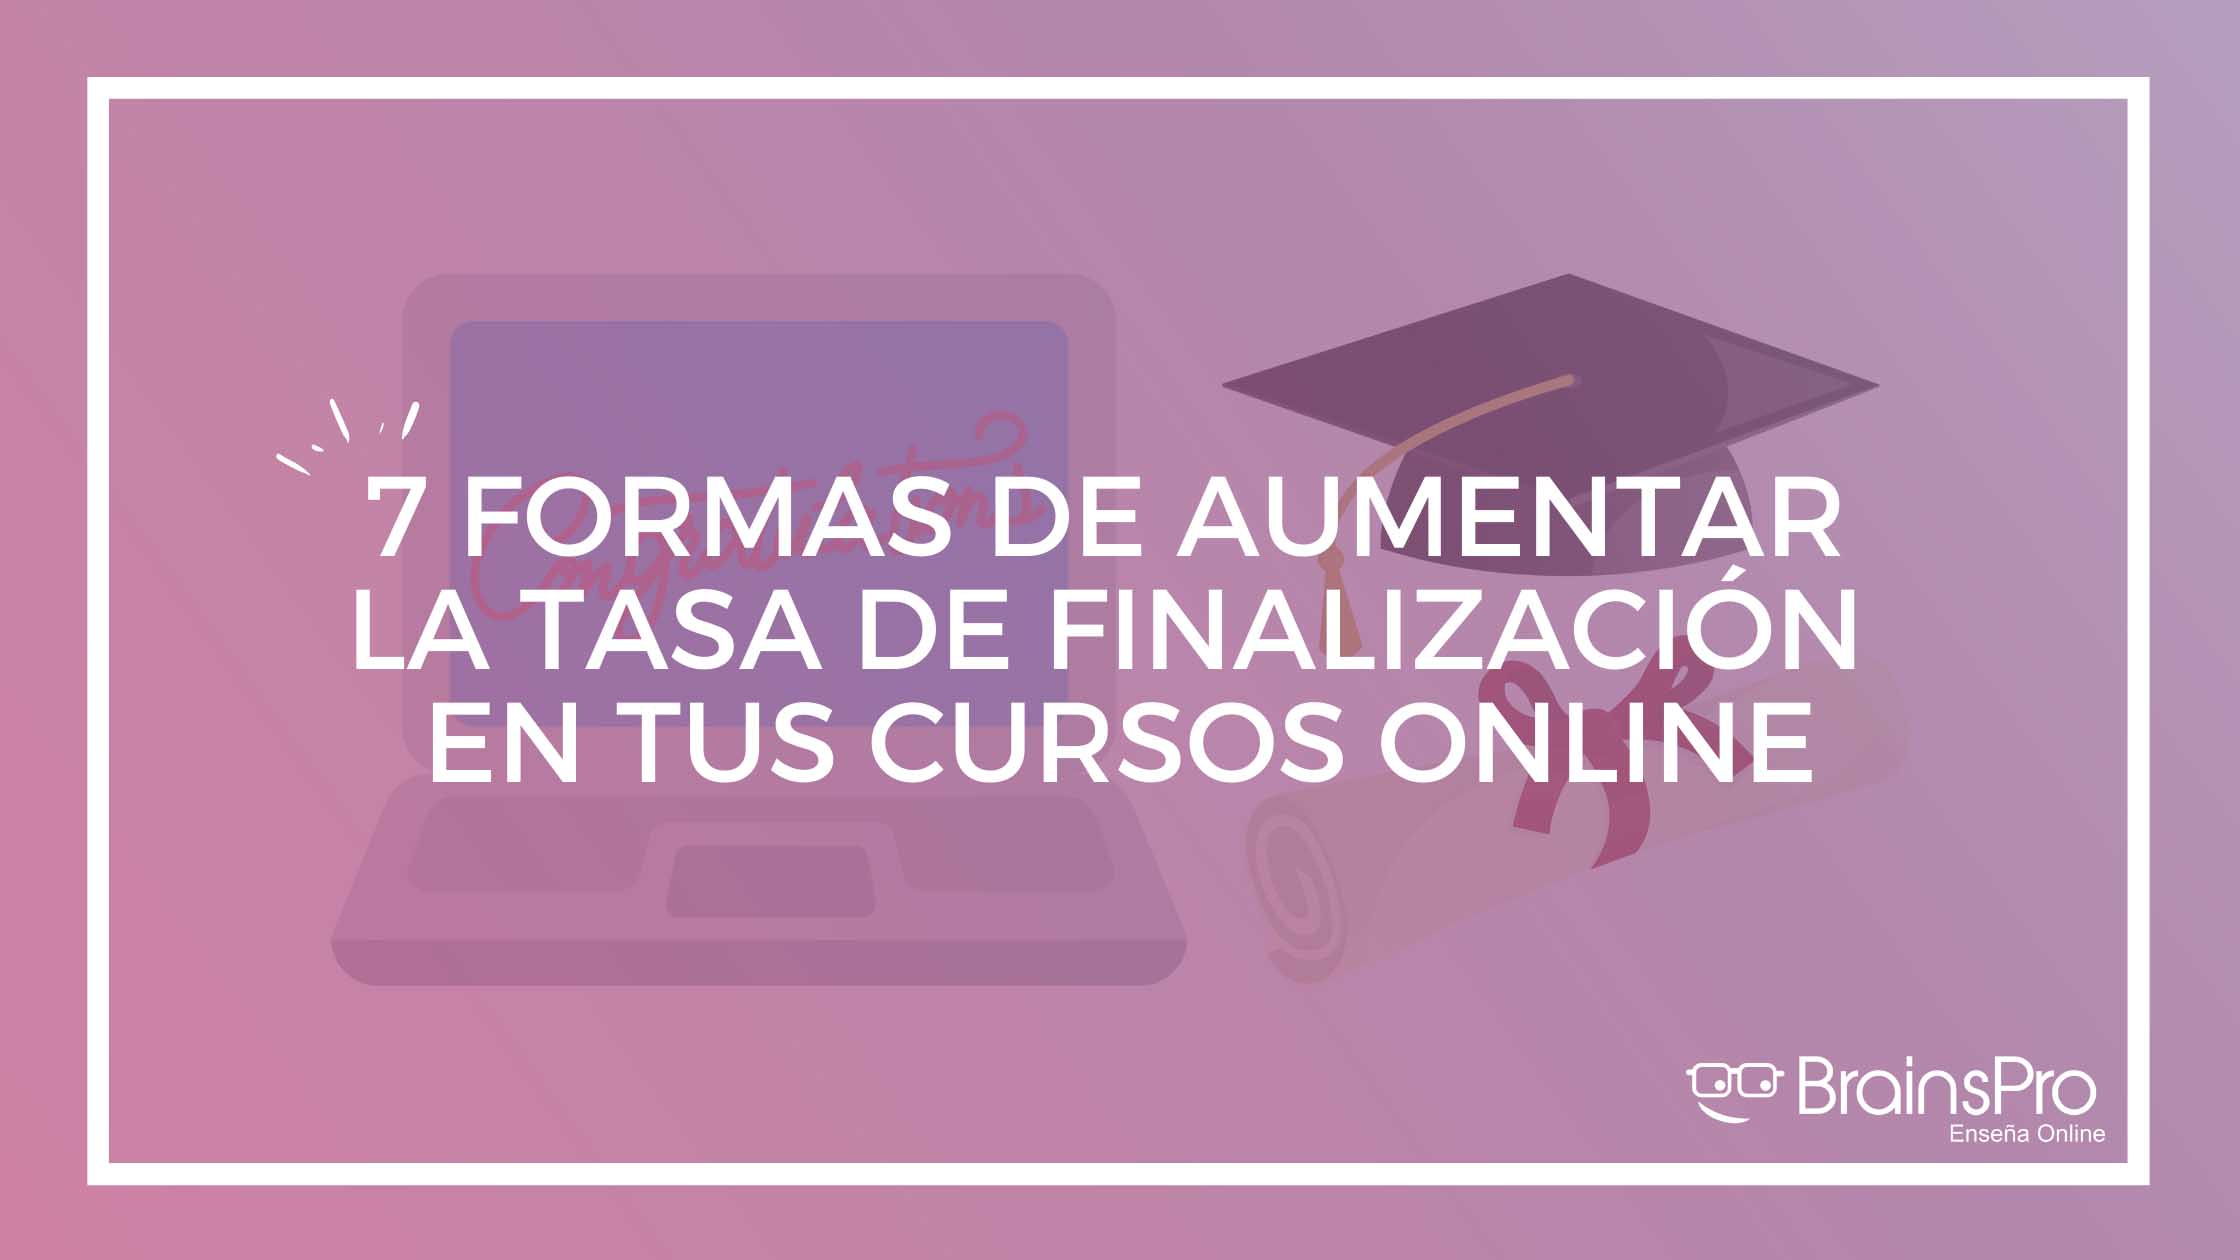 Cómo aumentar la tasa de finalización de tus cursos online